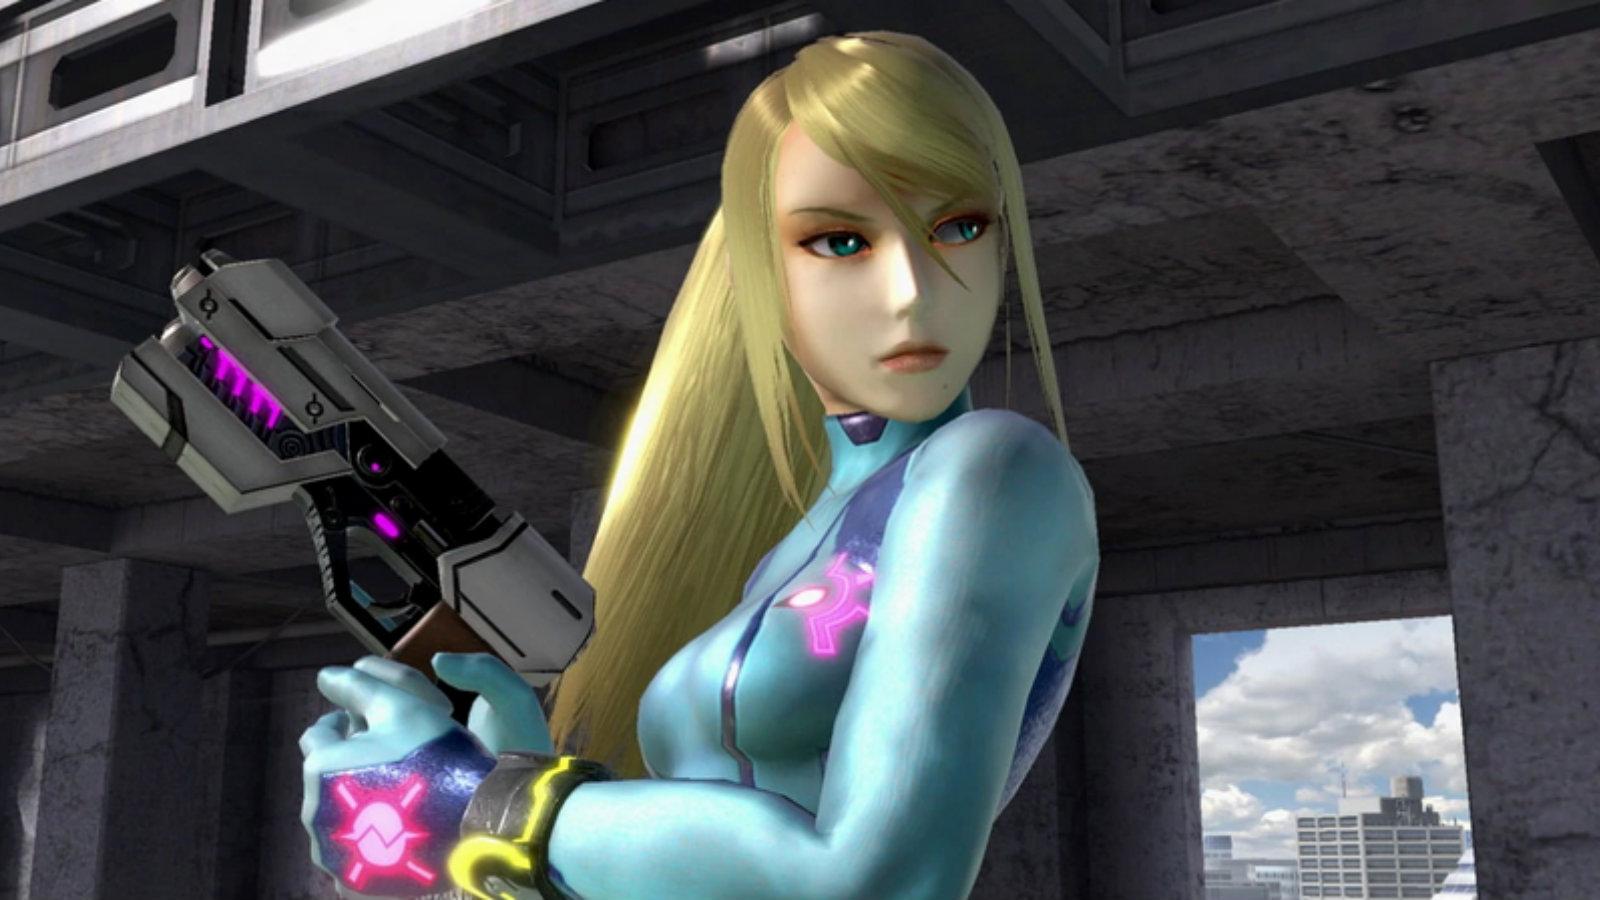 Zero Suit Samus in Smash Ultimate